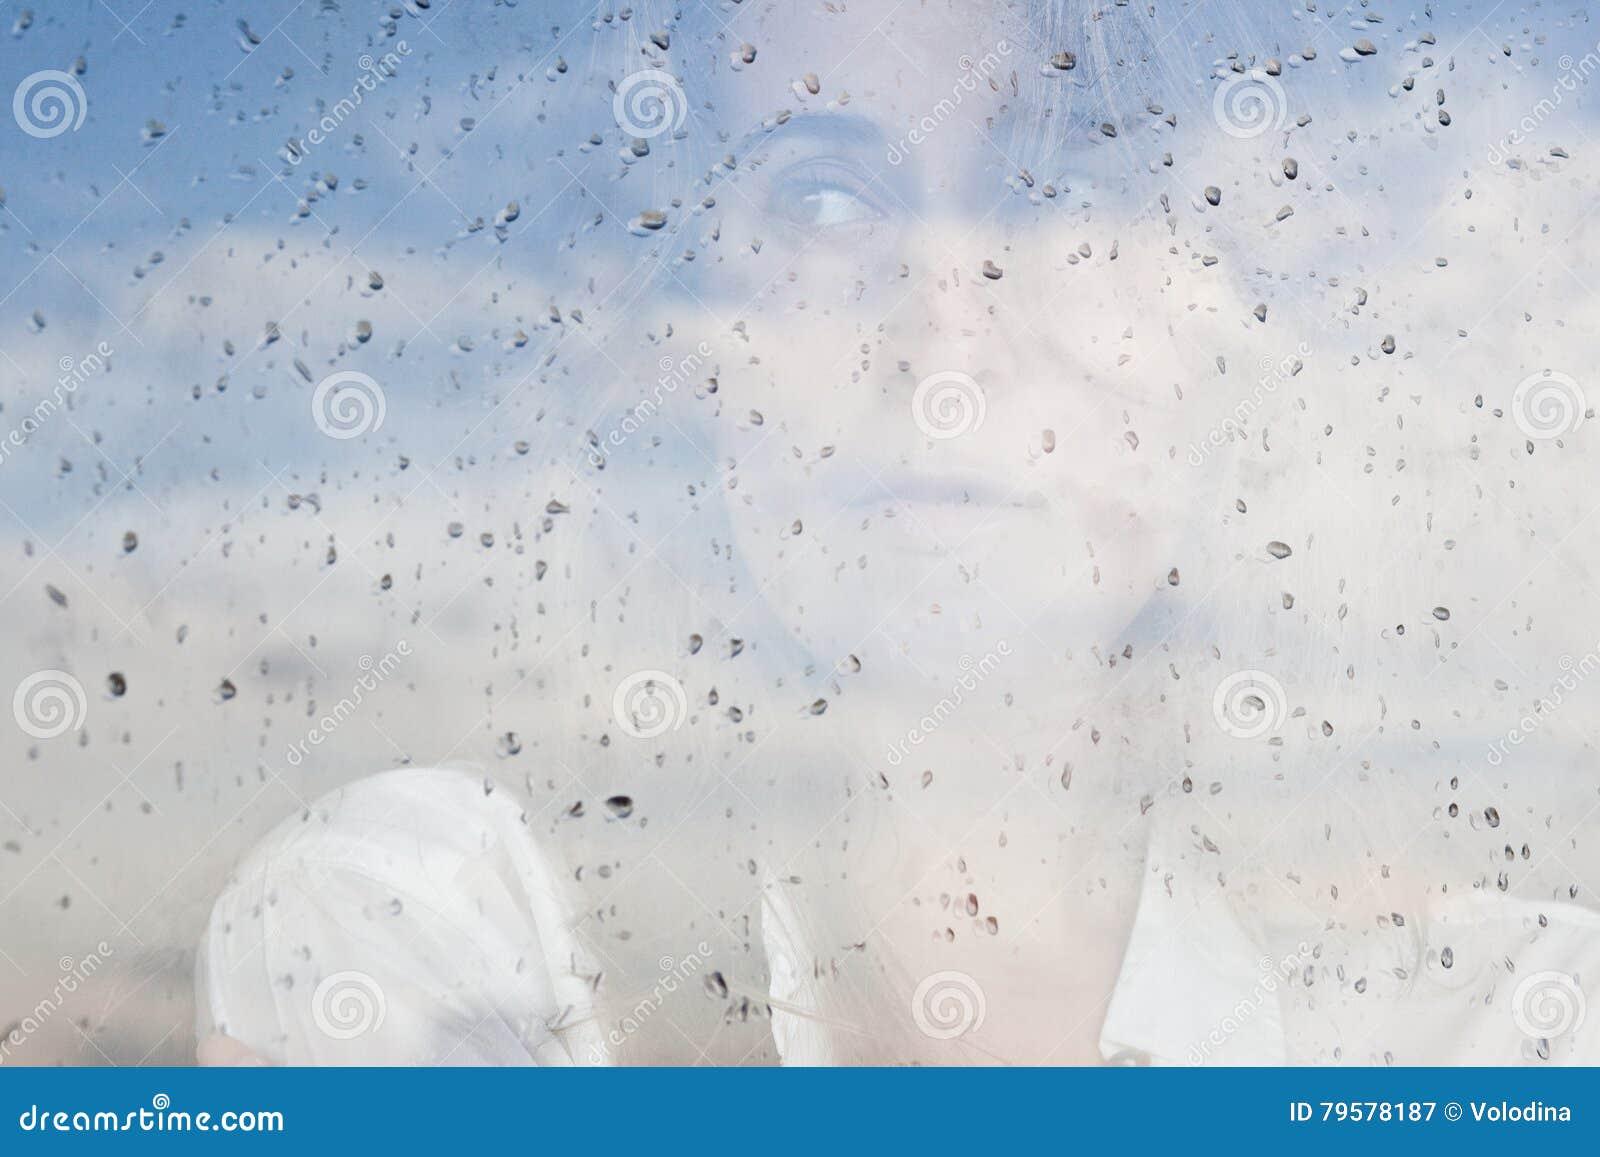 Ragazza alla finestra pioggia stock images 269 photos for Ragazza alla finestra quadro